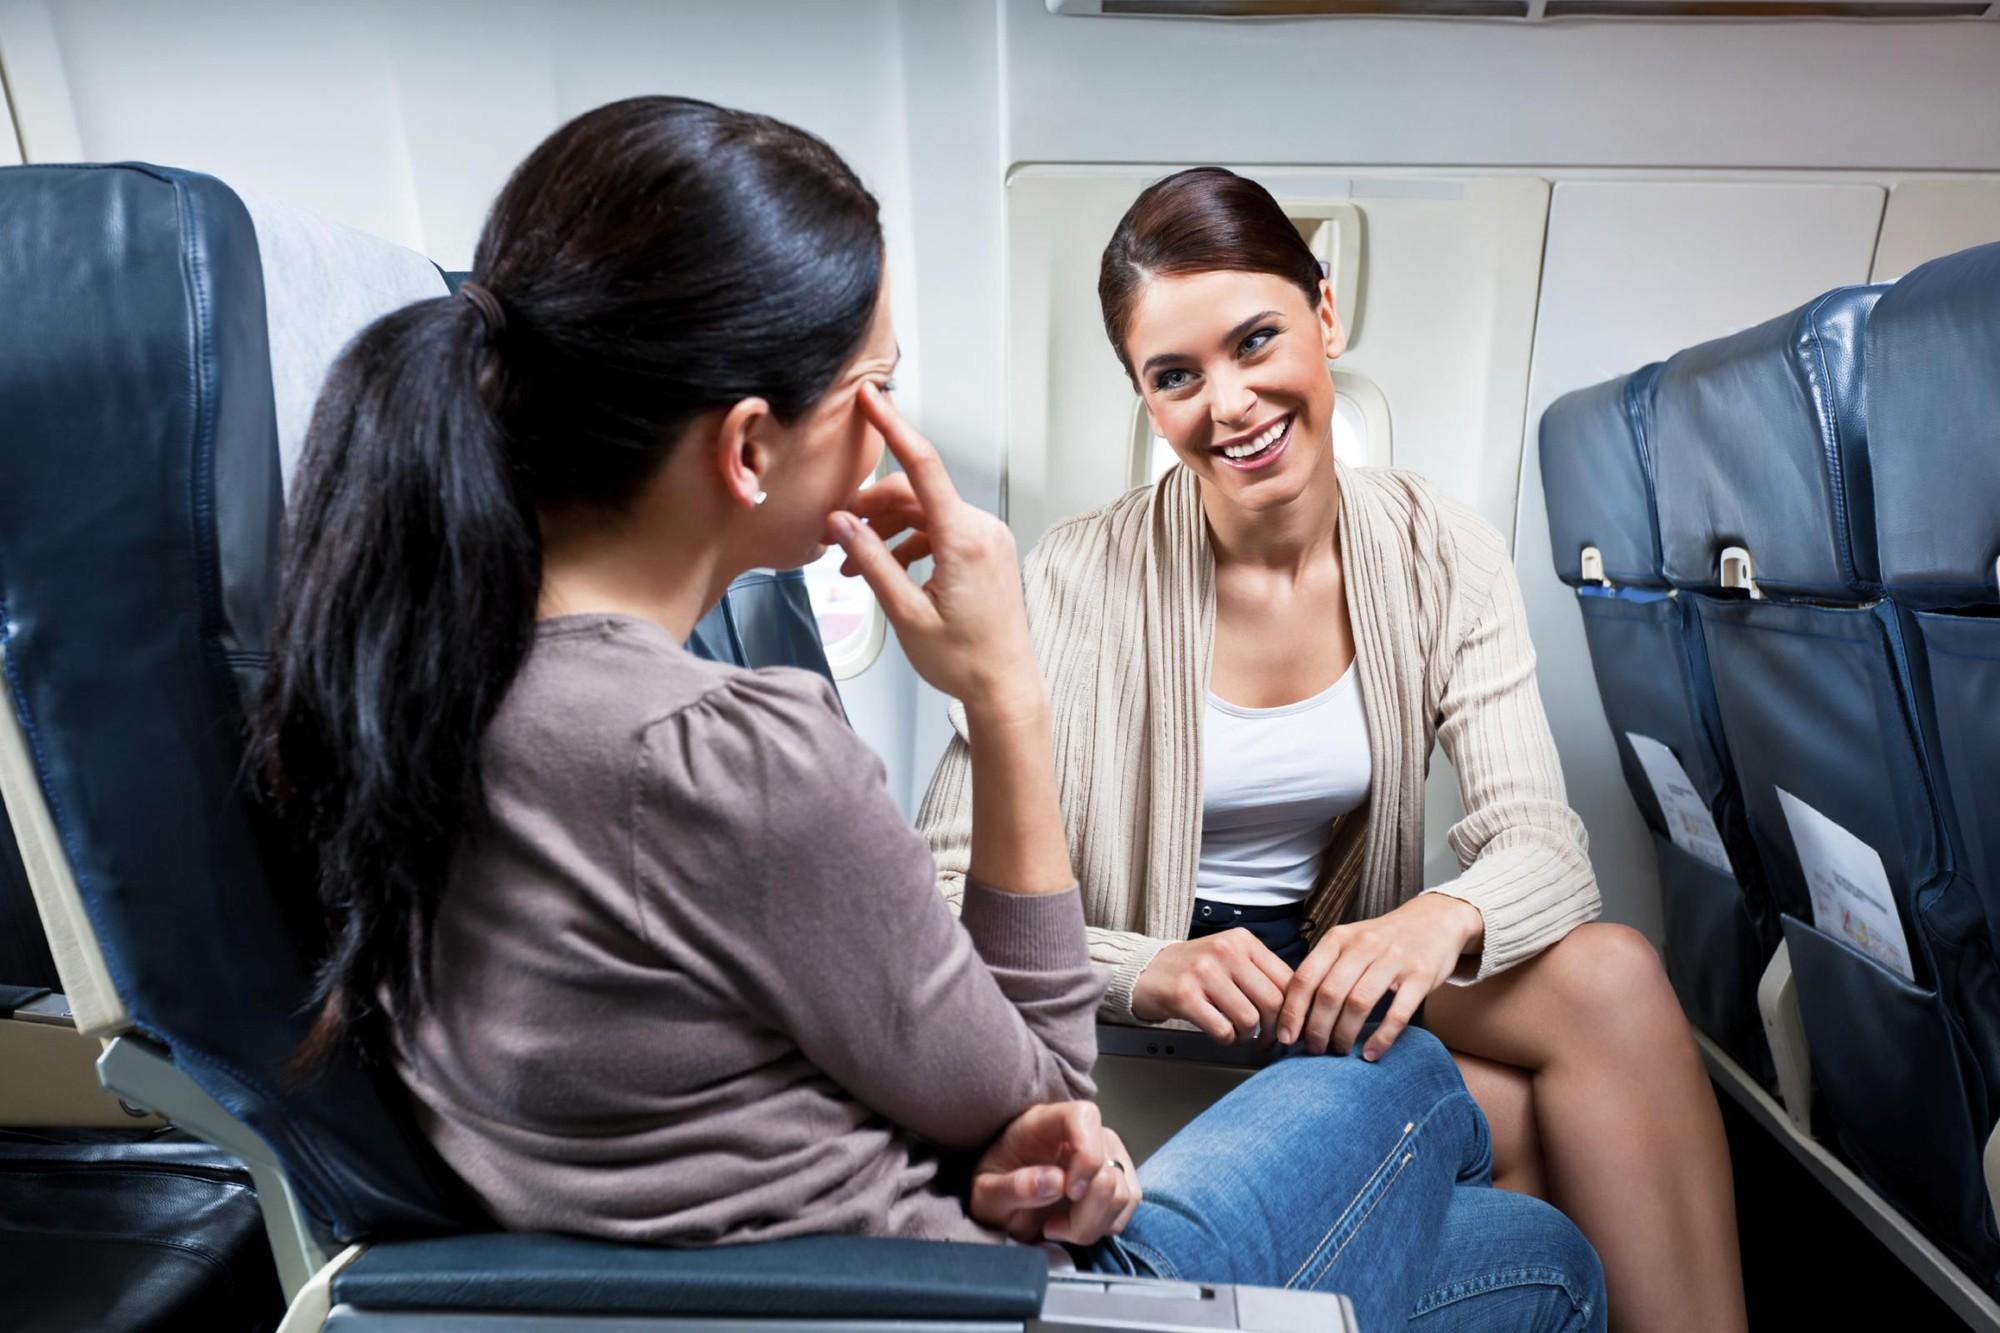 """Nếu bạn bị say máy bay: Đây là những mẹo hay bạn nên """"dắt túi"""" - Ảnh 2."""